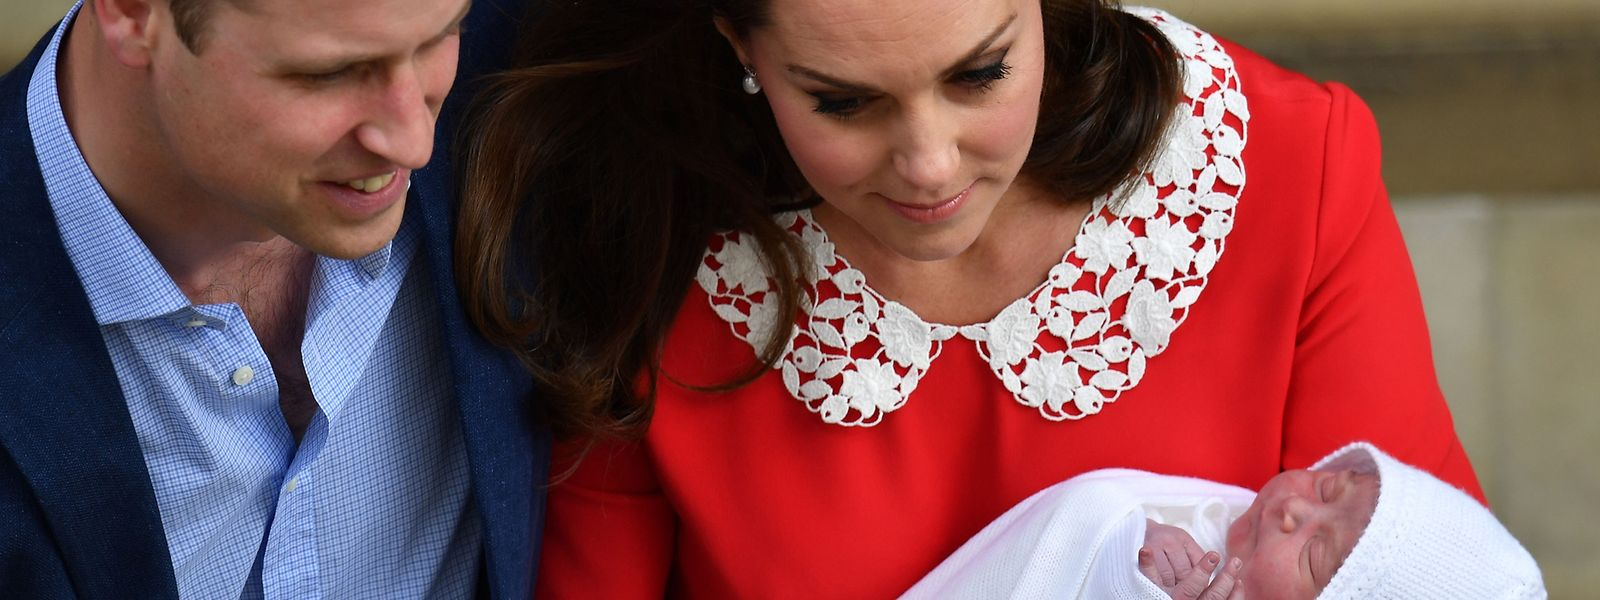 William und Kate stehen mit ihrem neugeborenen Kind vor dem St. Mary's Hospital im Londoner Stadtteil Paddington. Der Name des Prinzen ist aber immer noch ein Geheimnis.